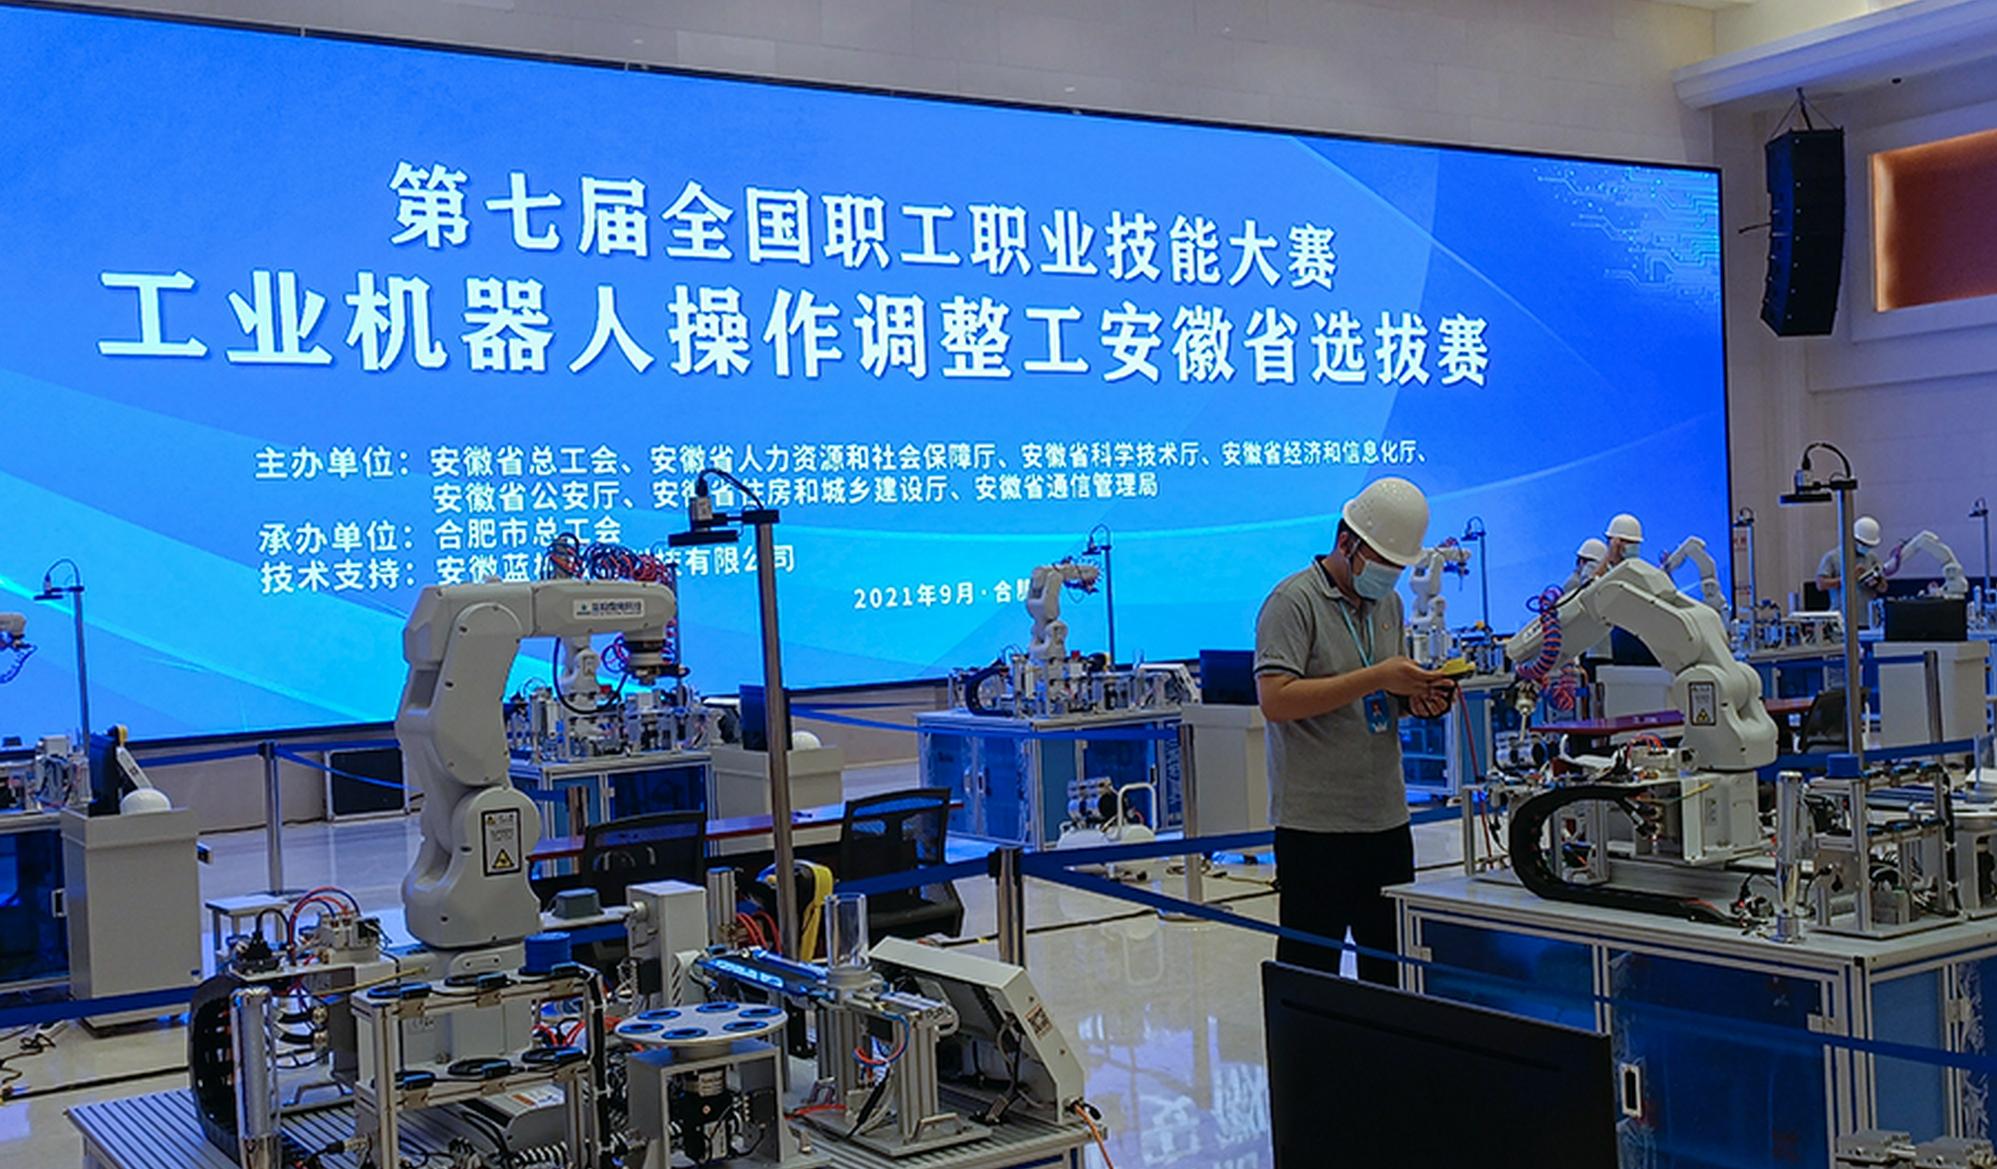 全省工业机器人操作调整工大赛在肥举办